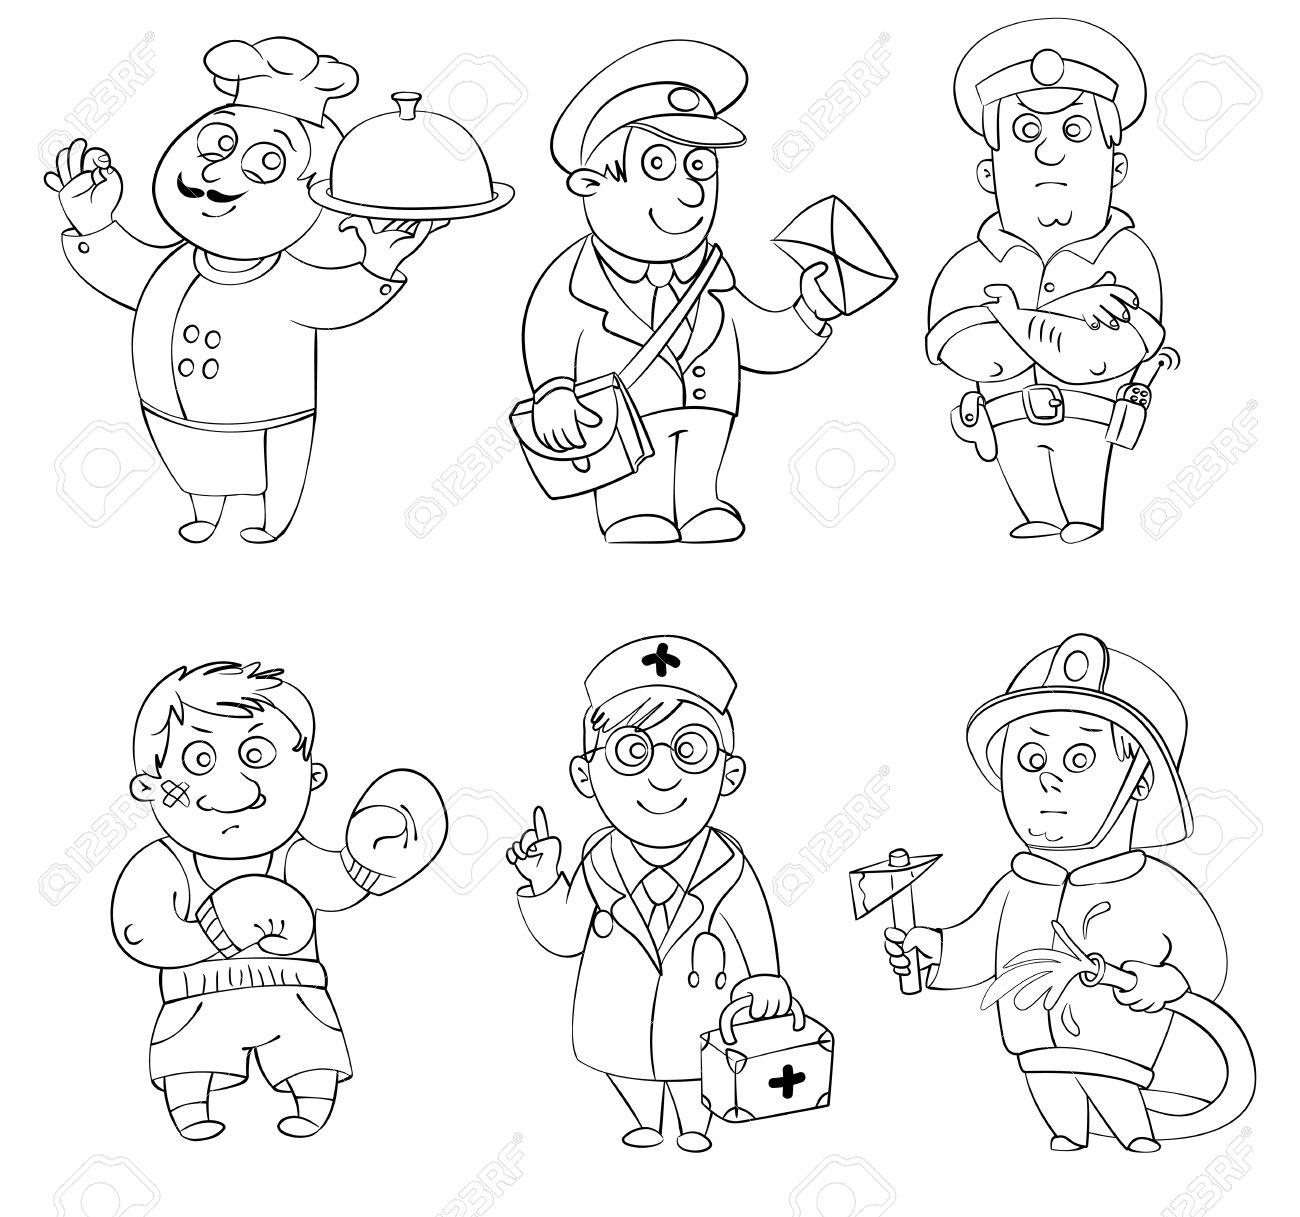 Dibujo De Cartero 004 Dibujos Y Juegos Para Pintar Y Colorear